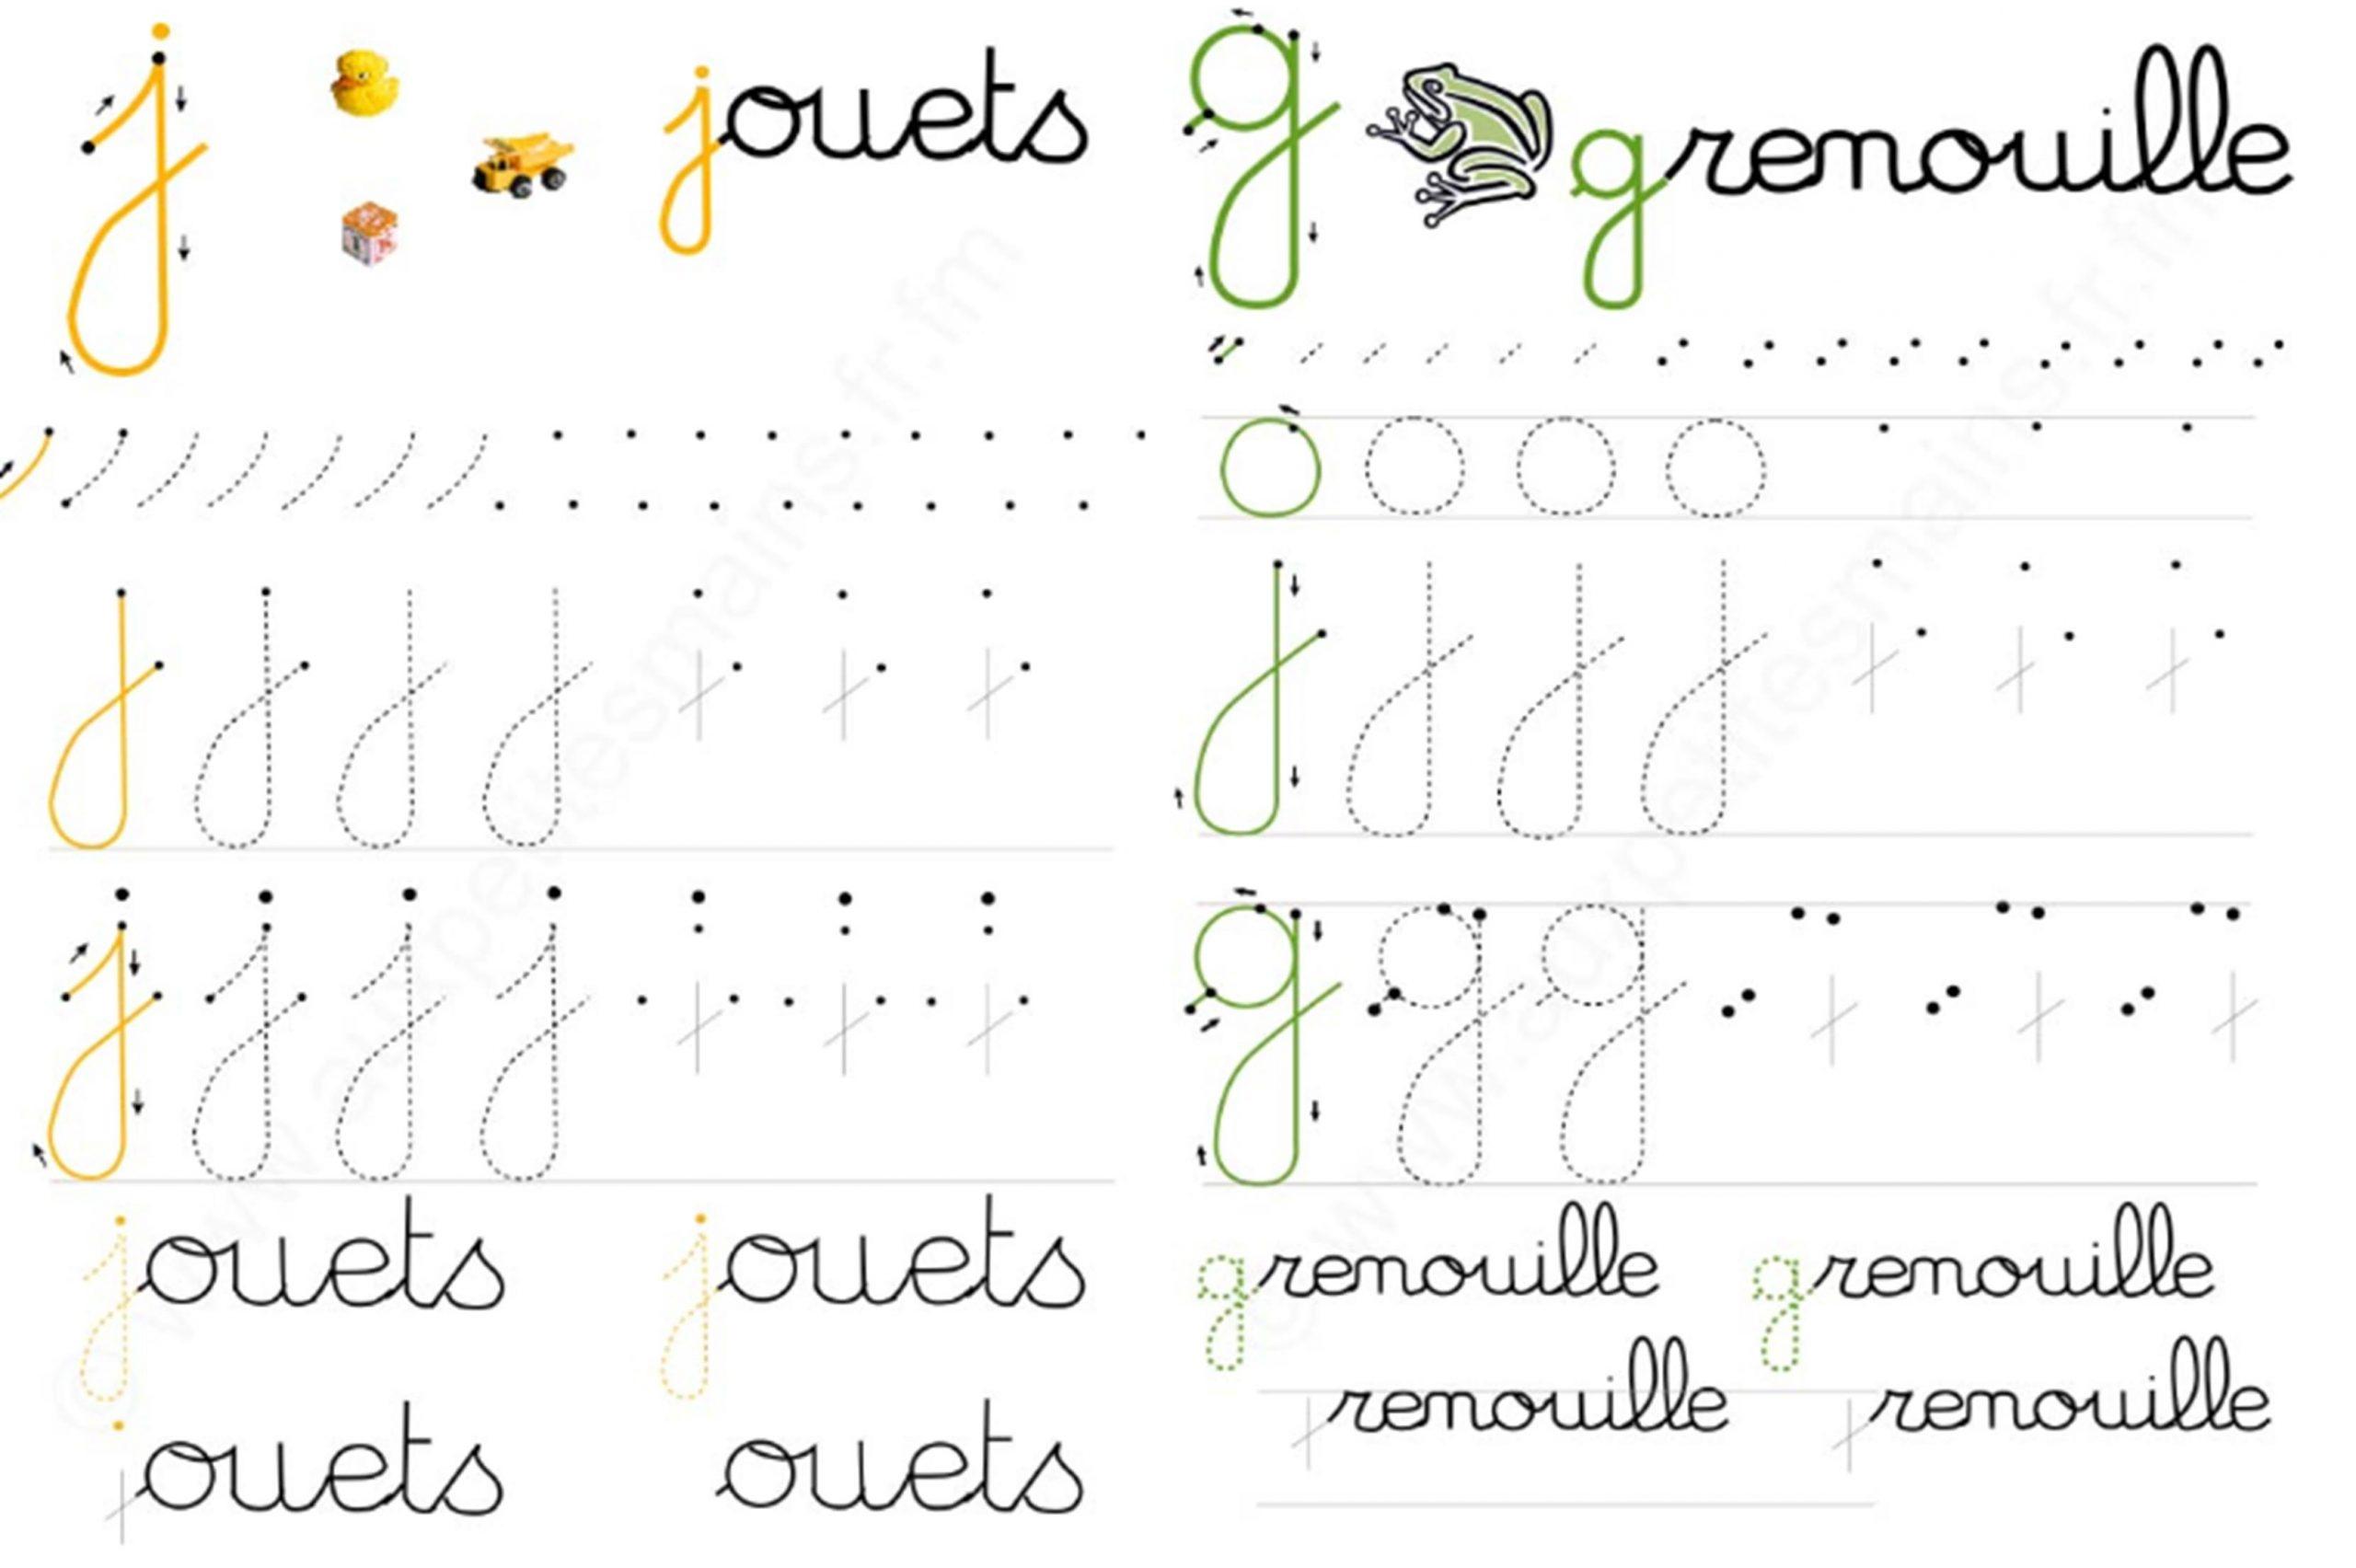 Fichier D'écriture Grande Section | Le Blog De Monsieur Mathieu concernant Exercice Grande Section Maternelle Gratuit A Imprimer